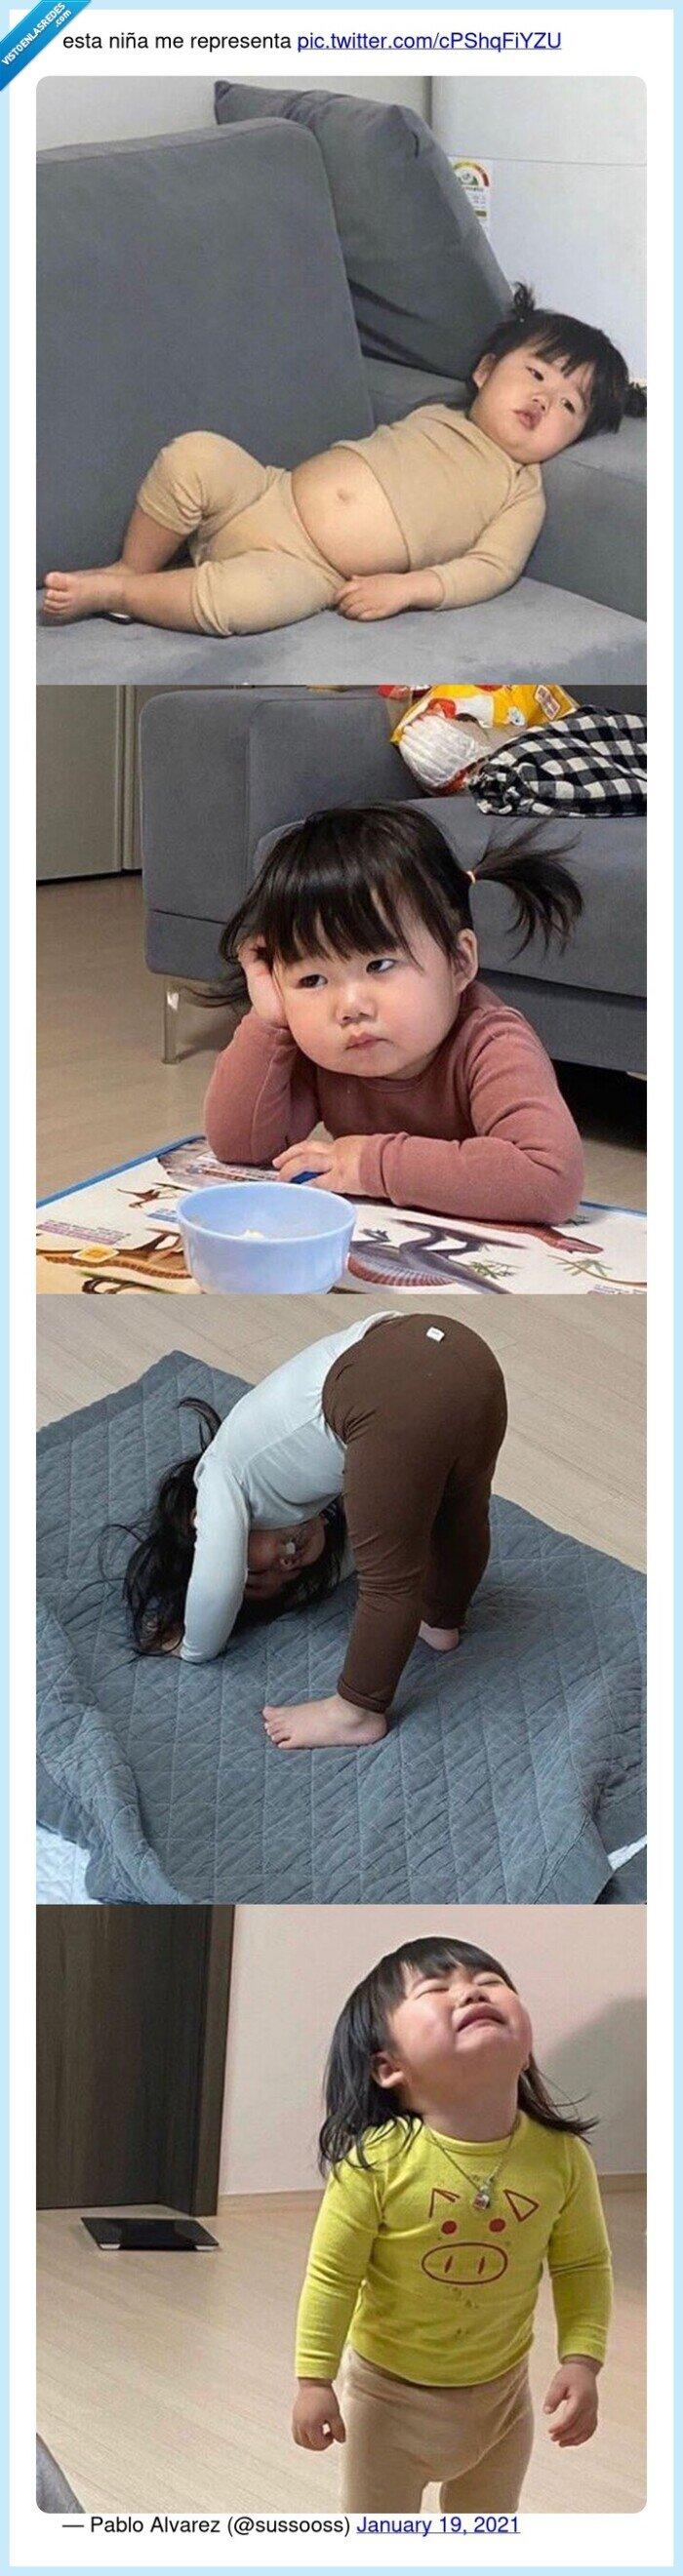 asiática,cansada,niña,representar,vaga